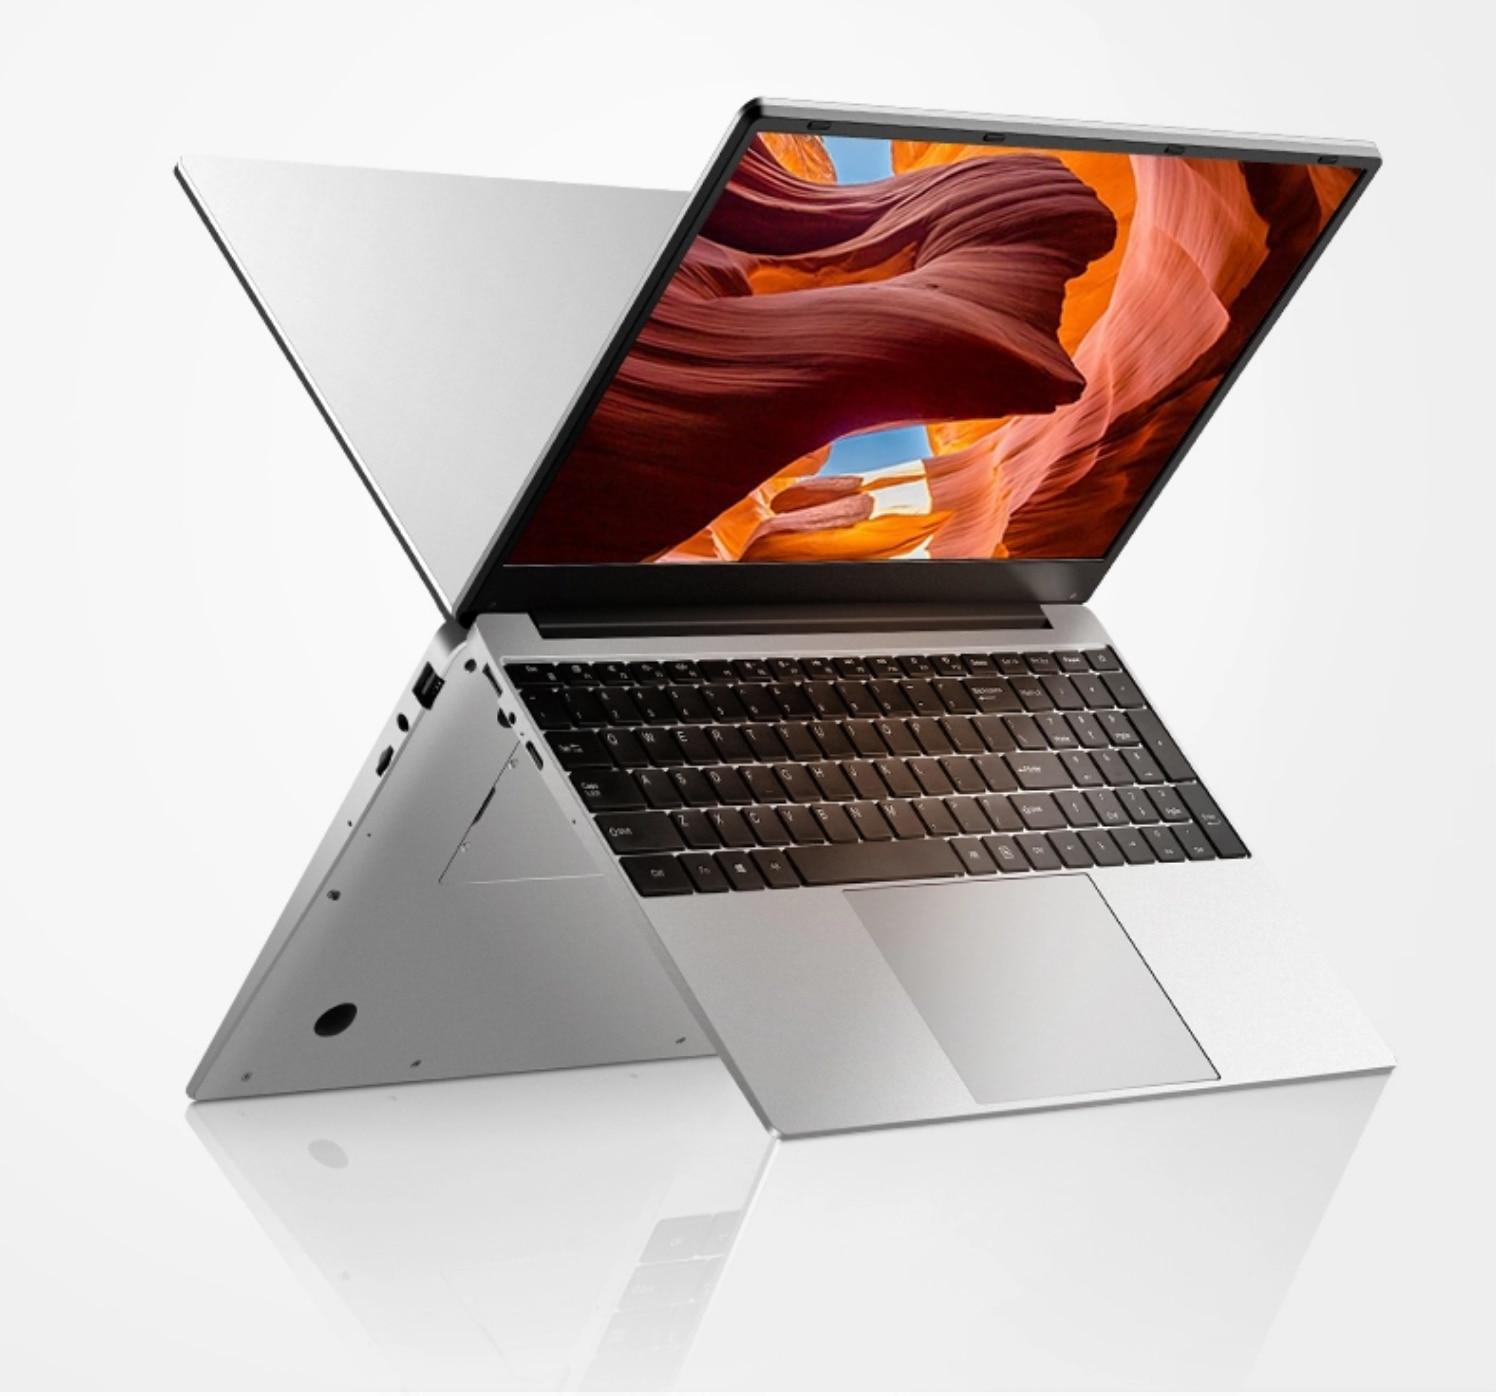 13 Laptop Windows 10 Intel Core i5 - 10210U i7 - 10510U CPU 8GB DDR4 RAM 512GB SSD Notebook 13.3 inch